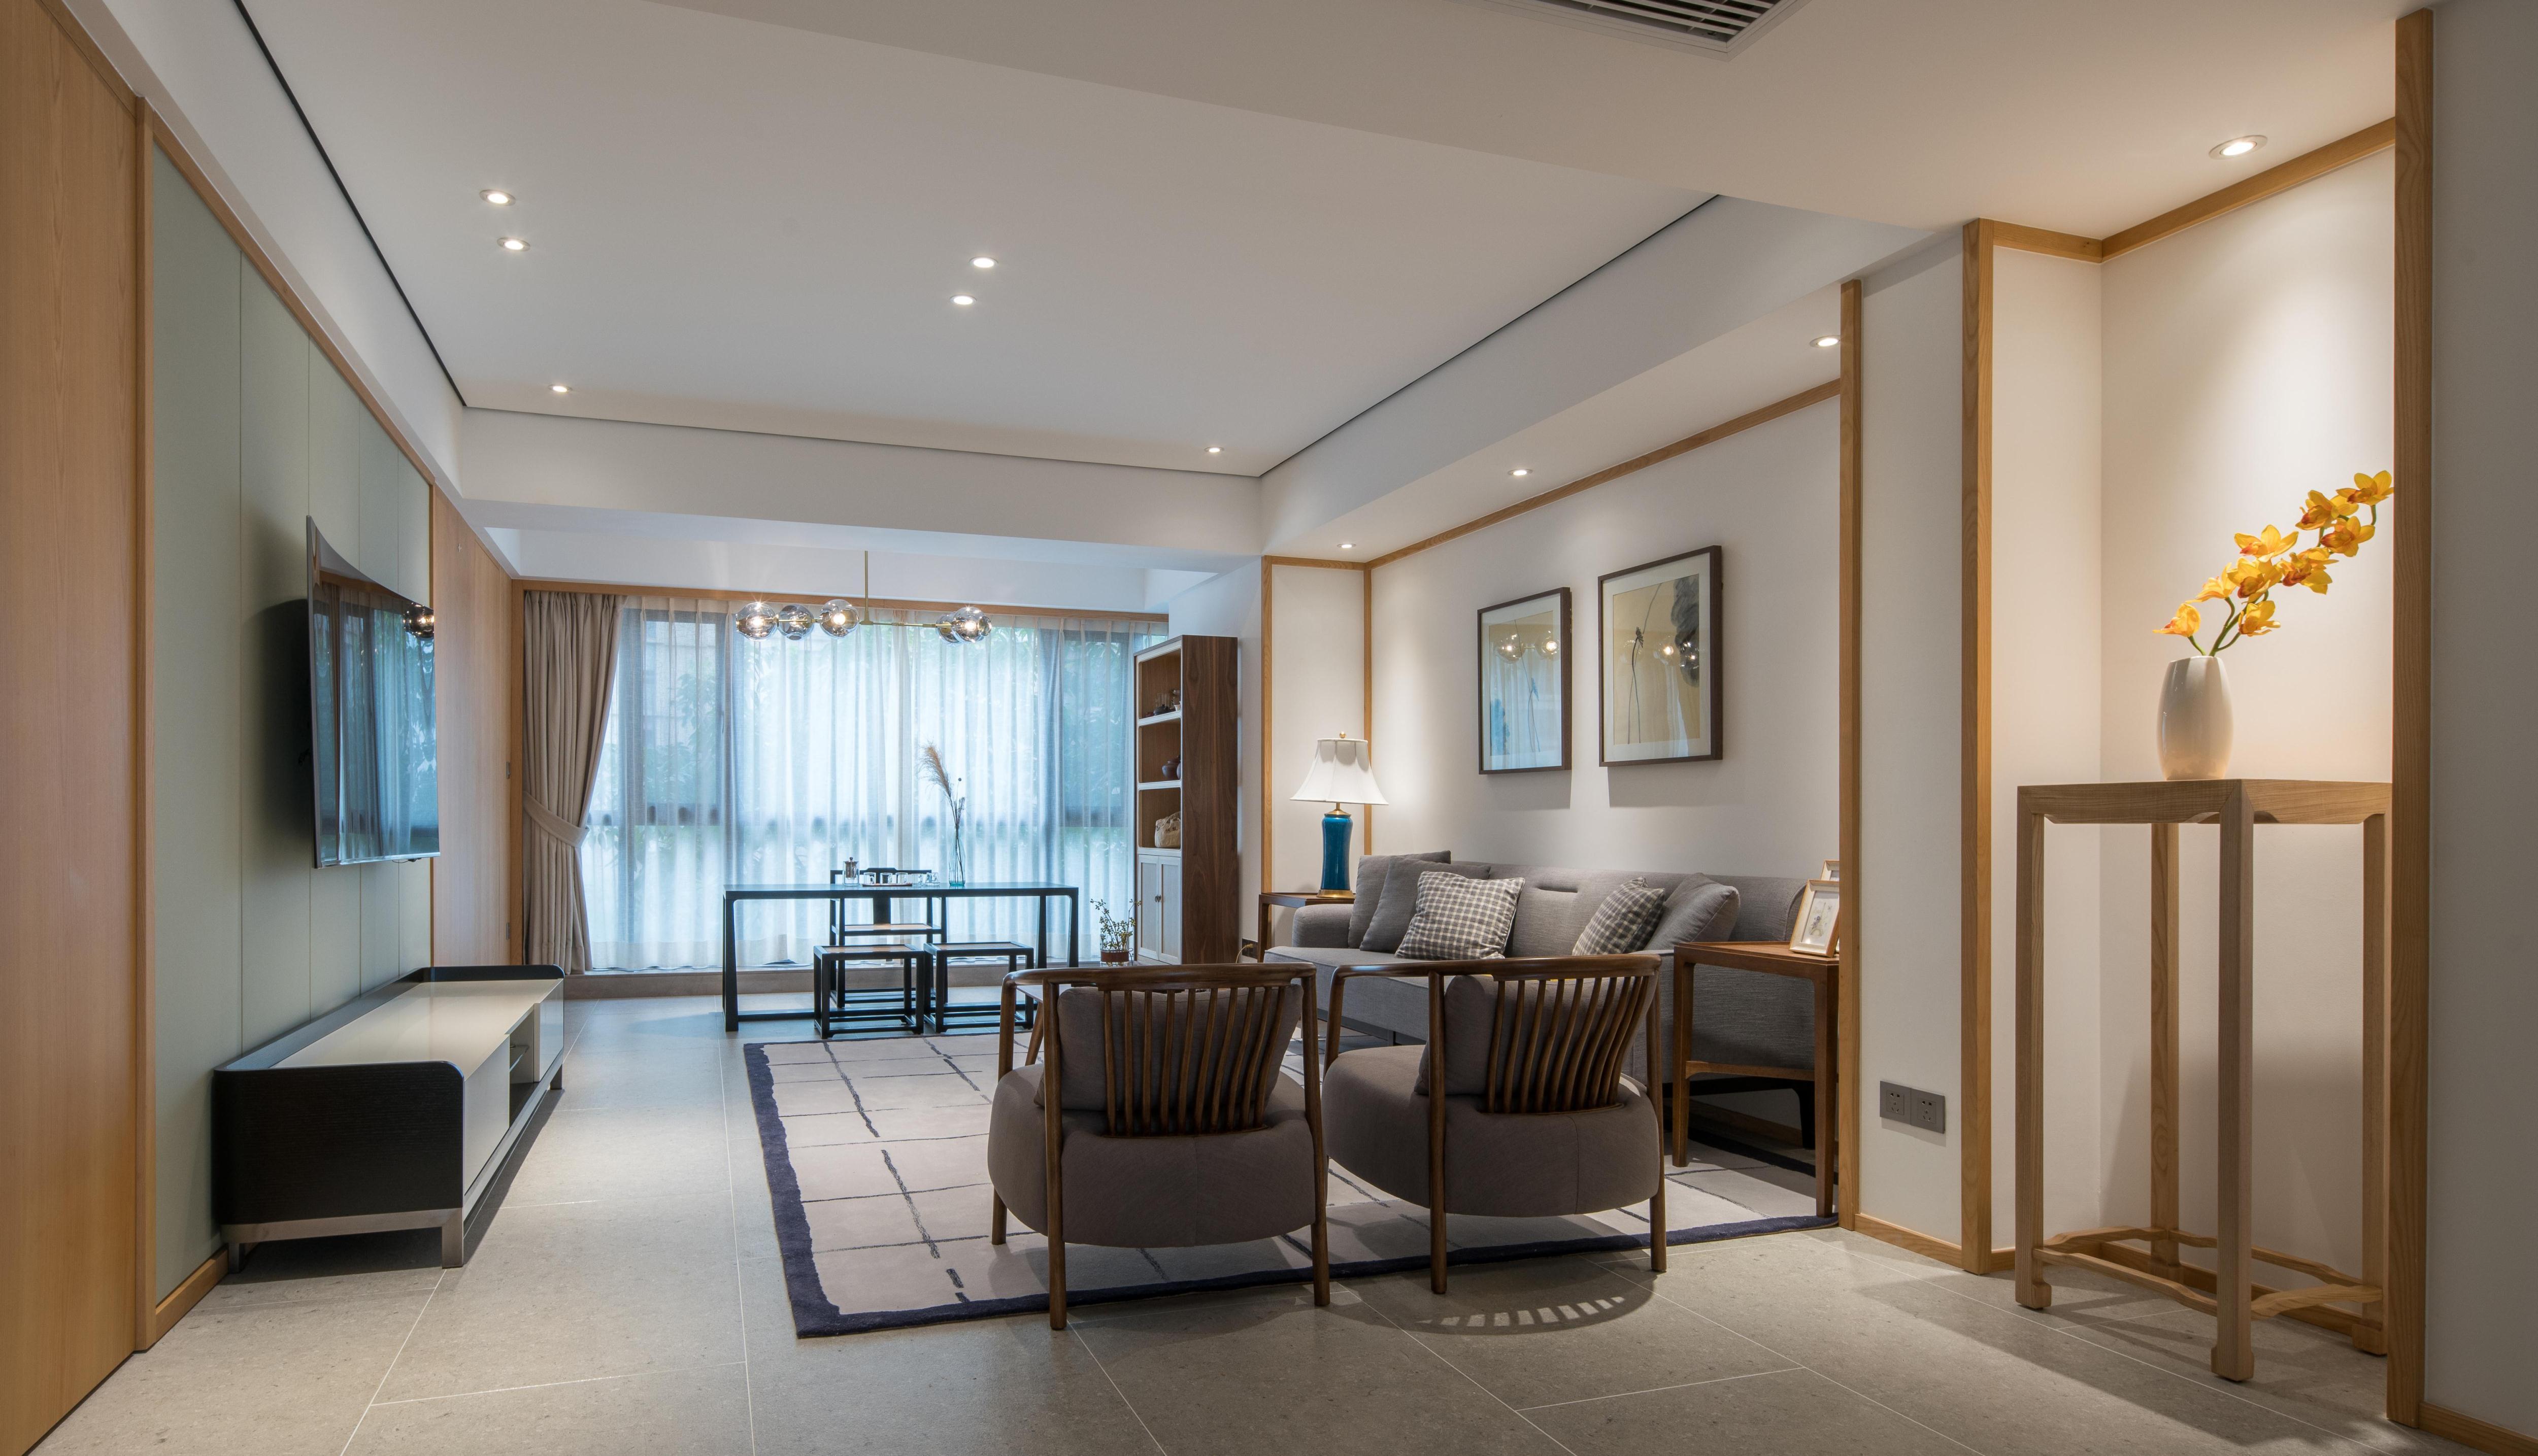 140㎡现代中式客厅装修效果图